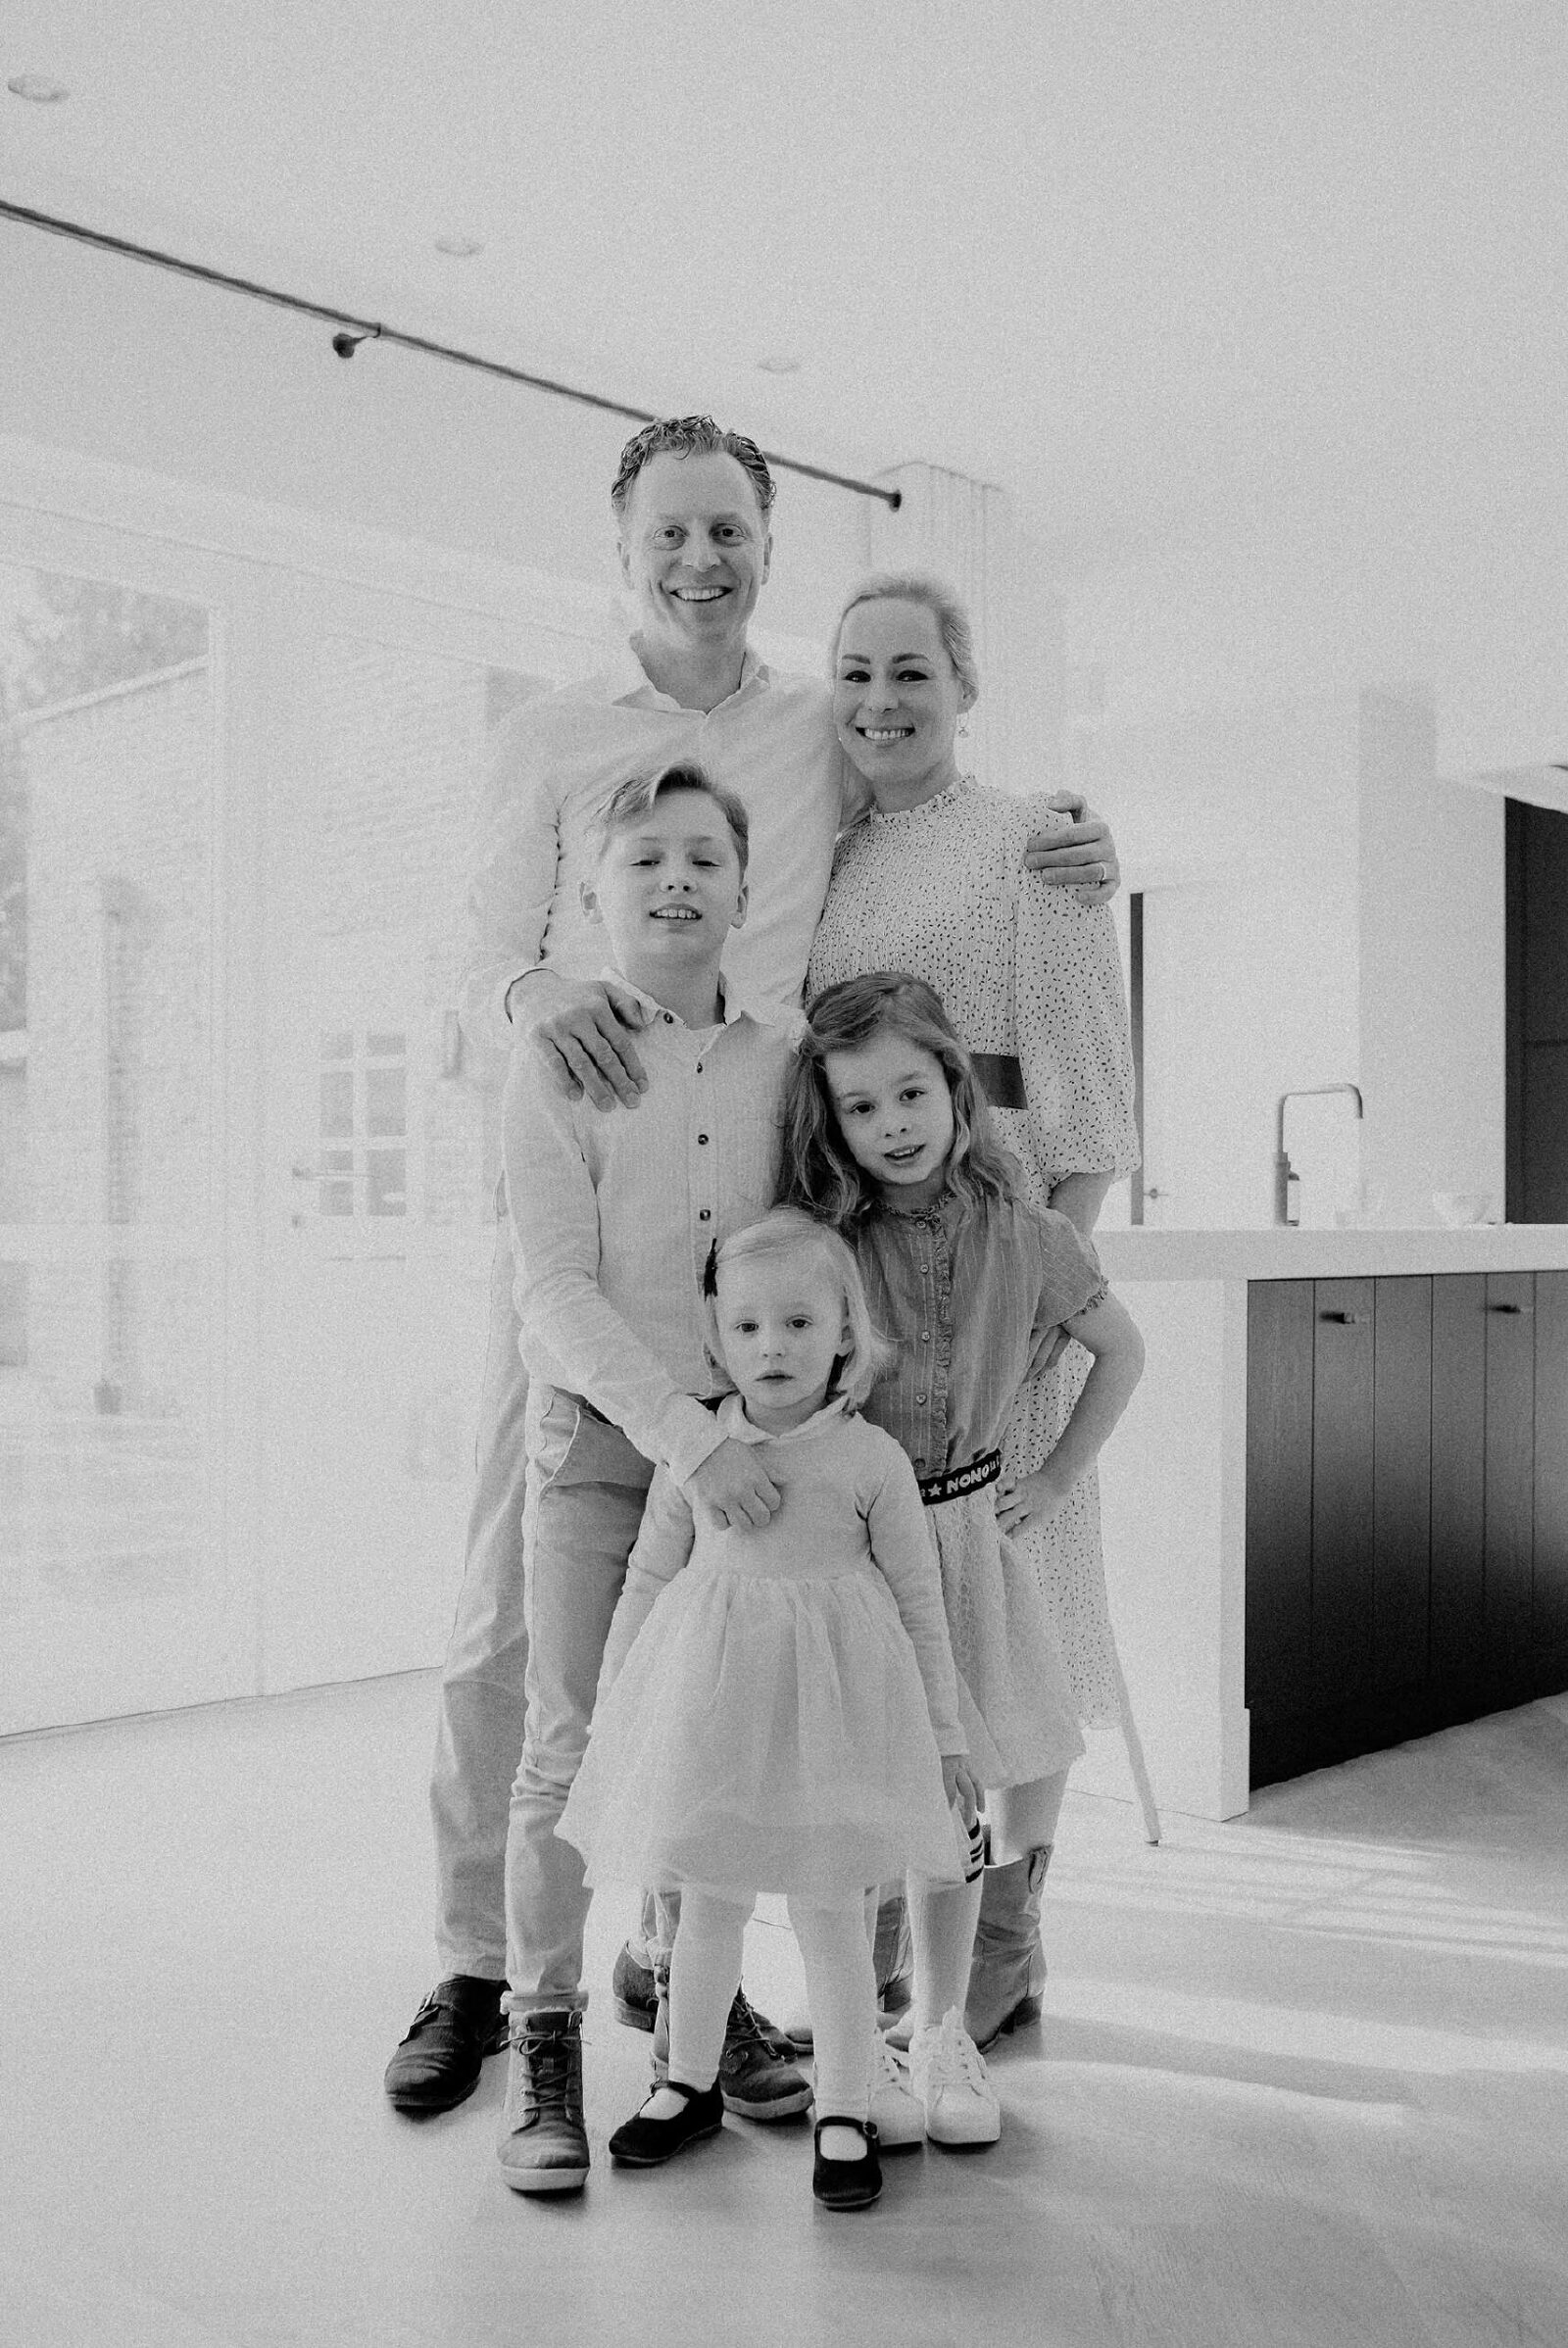 zwart.wit gezin samen thuis